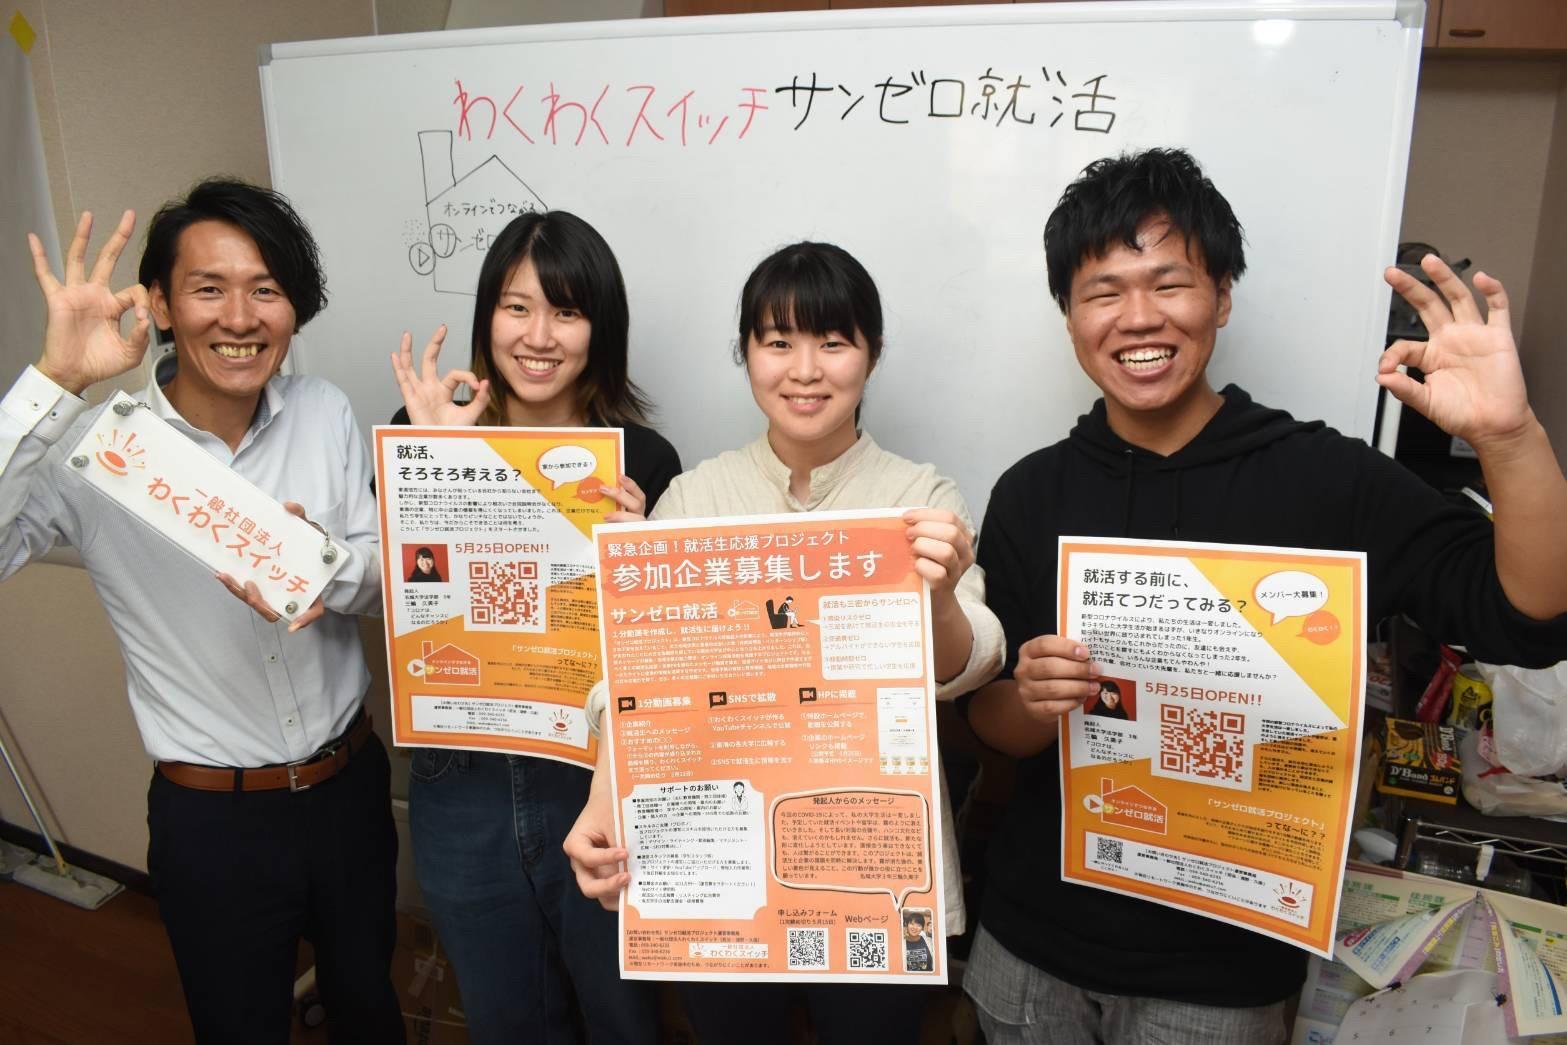 「サンゼロ就活」のメンバー(右から2人目が三輪さん)